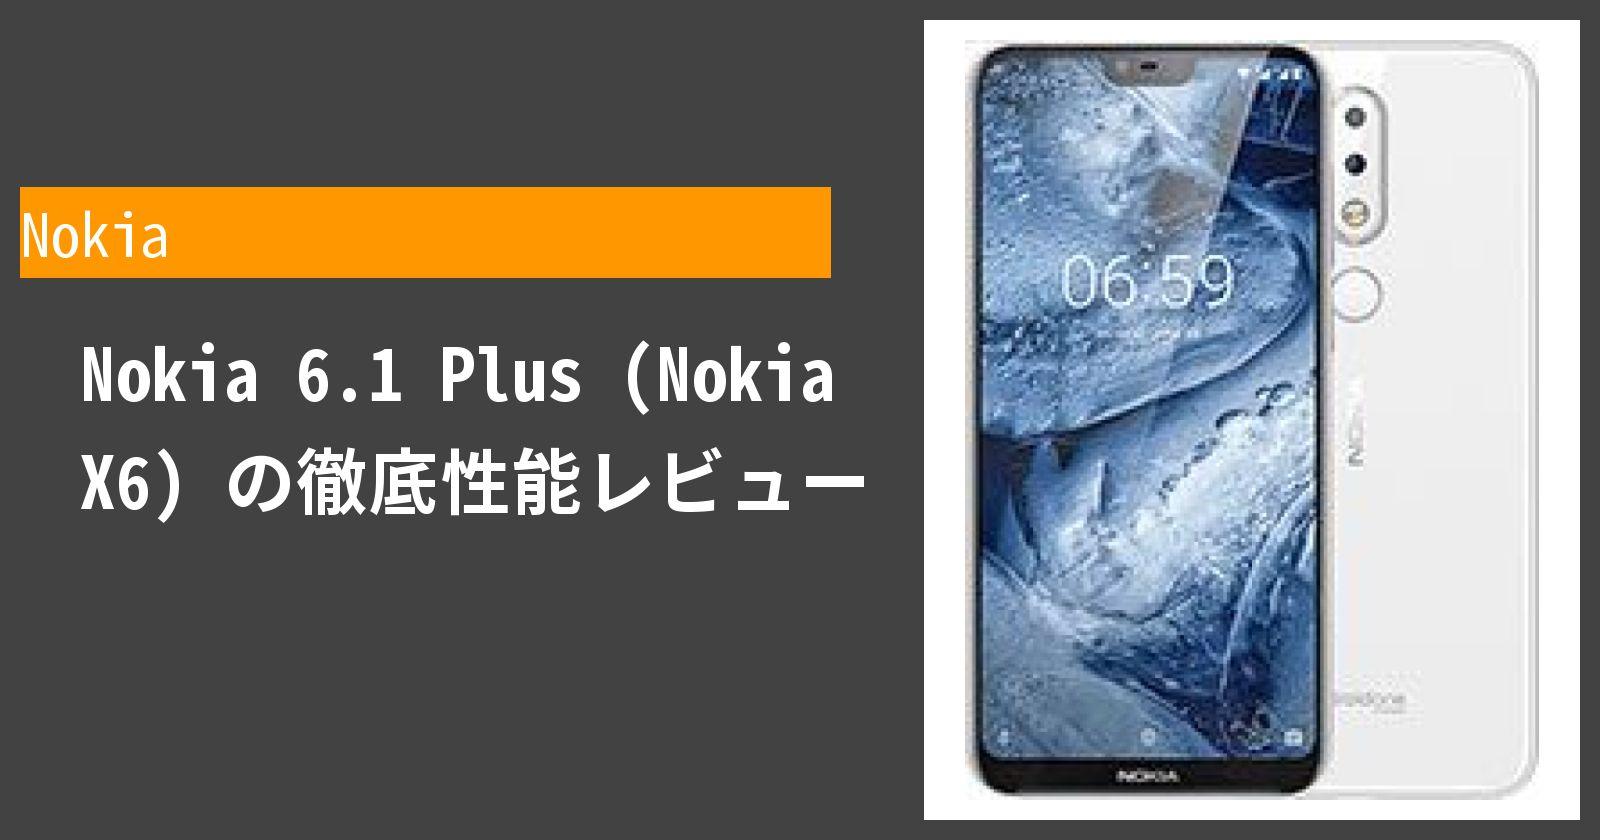 Nokia 6.1 Plus (Nokia X6) の徹底性能レビュー